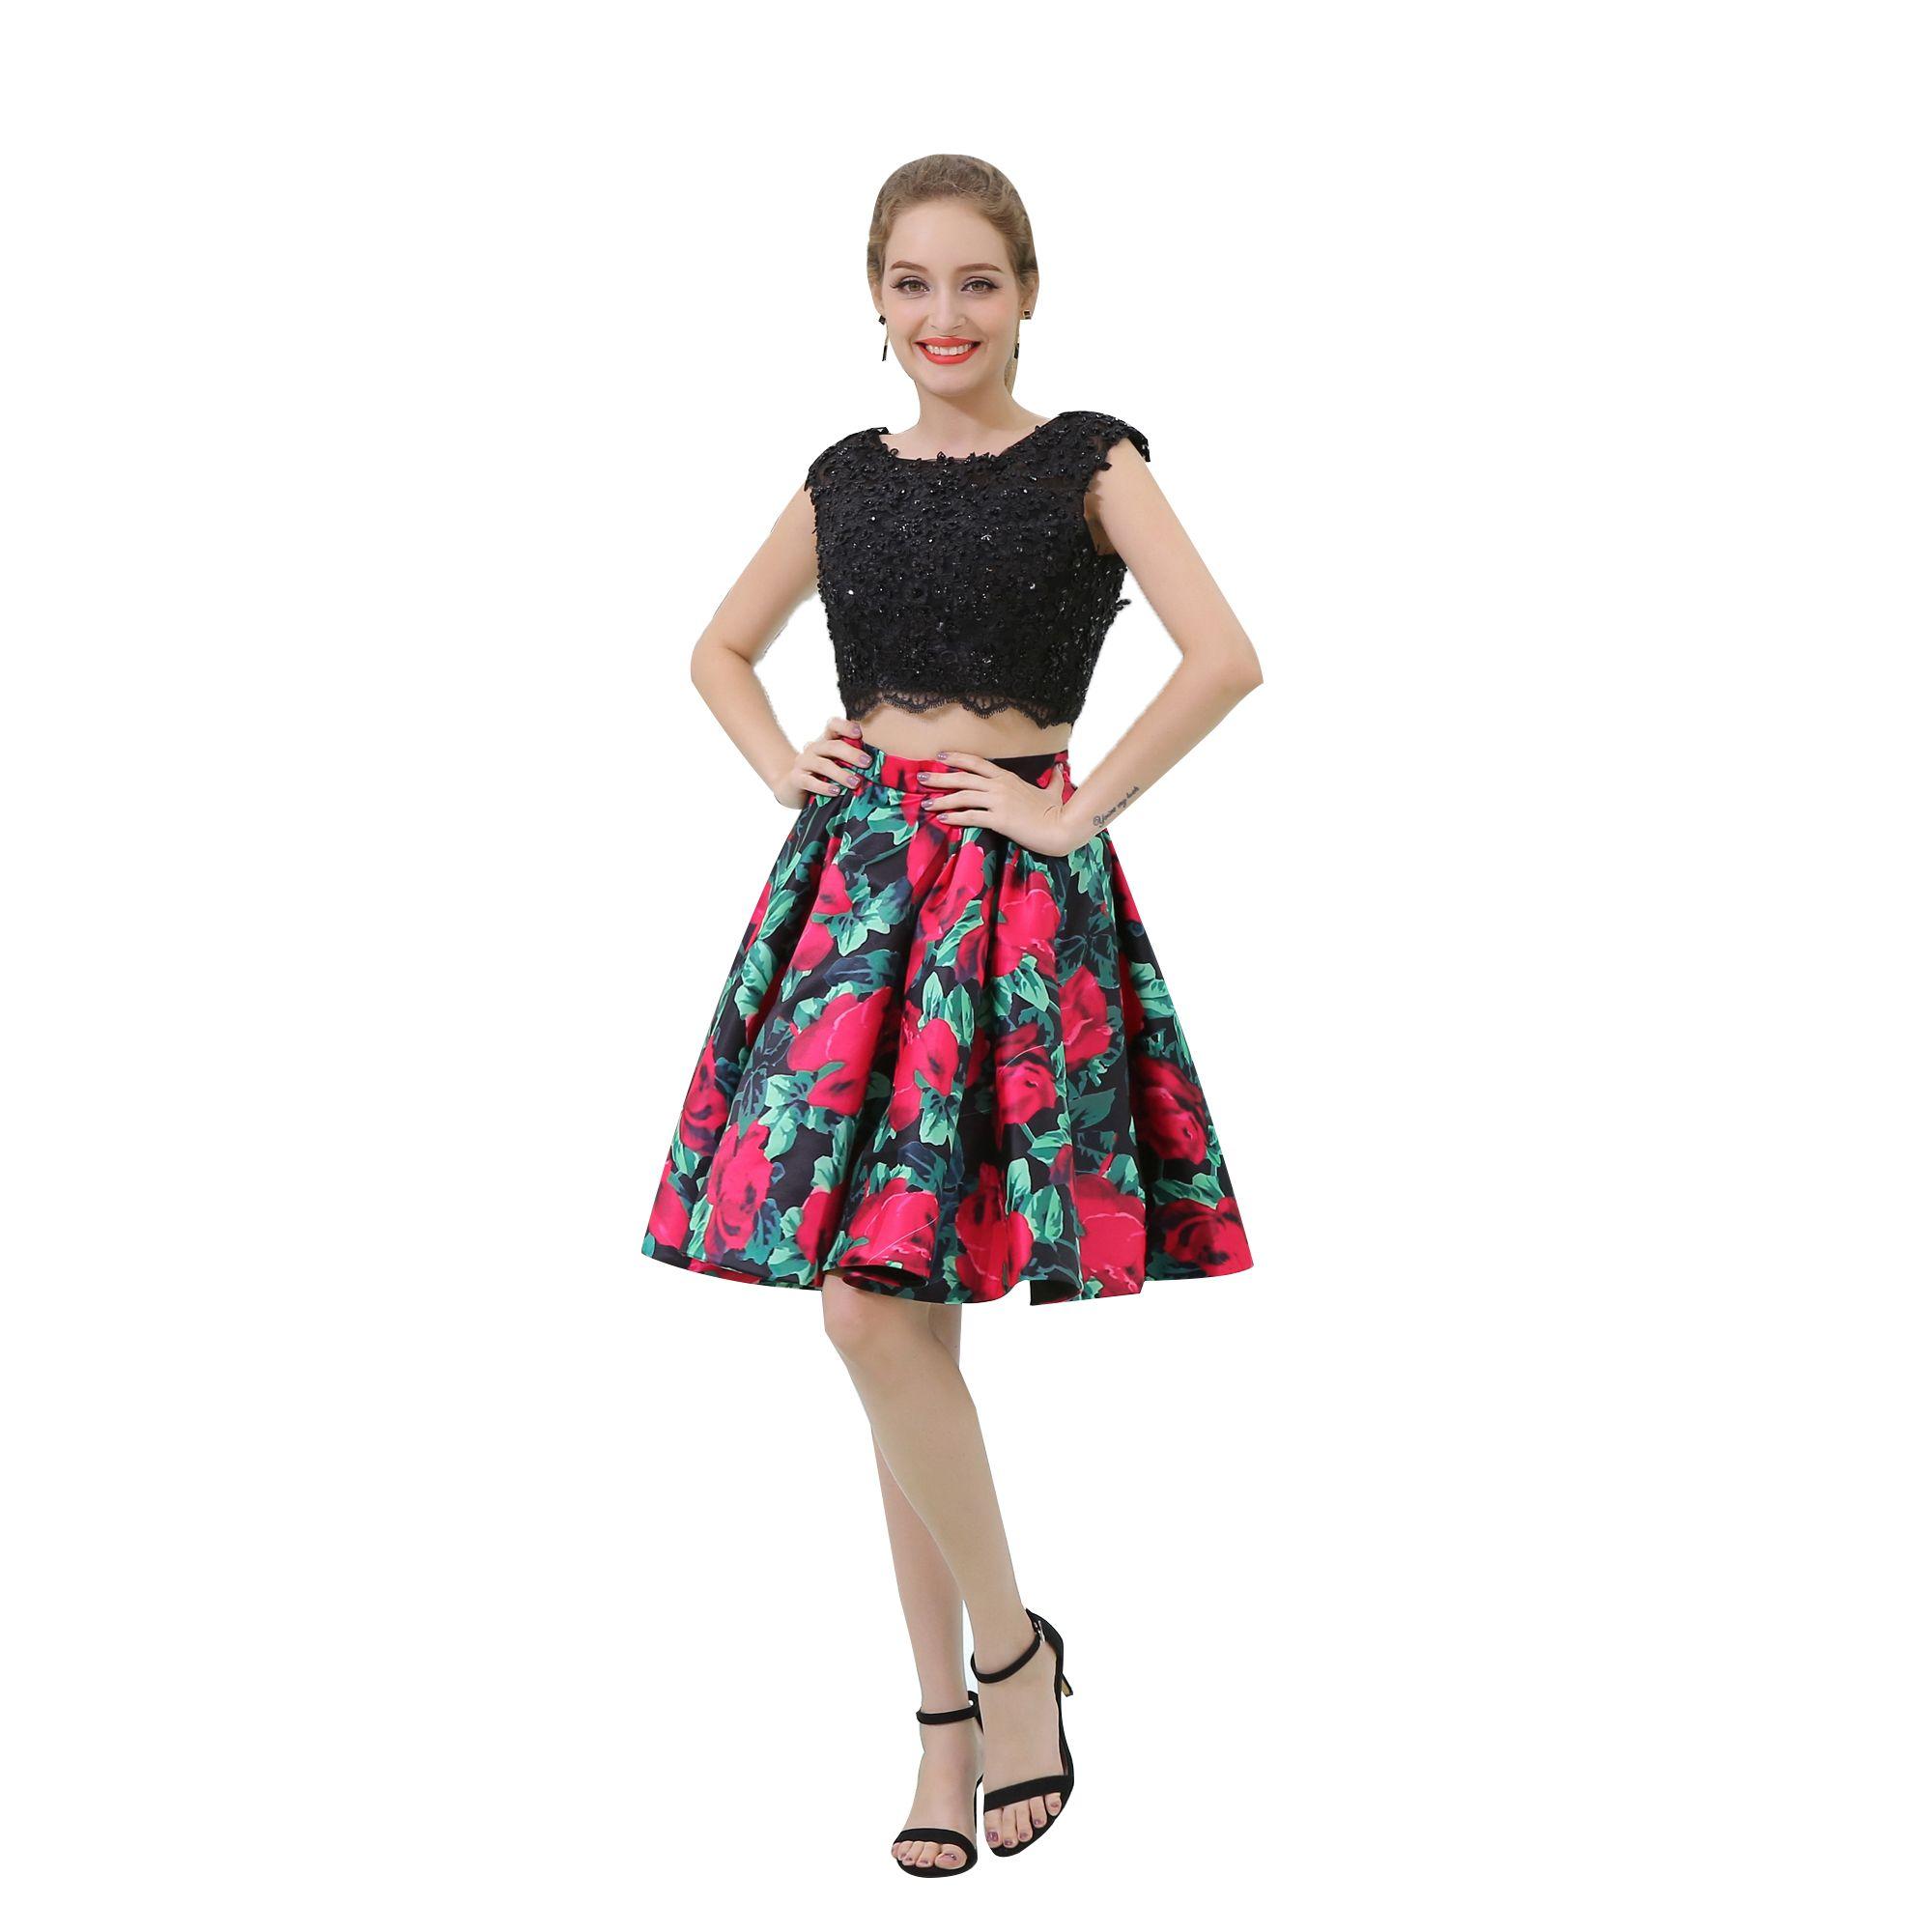 Veri Imag Sexy Stampato Fiore Prom Dresses Corsetto in rilievo Ruffles Gonne Due Pezzi Homecoming Abiti da festa Abiti Backless Top in pizzo B045